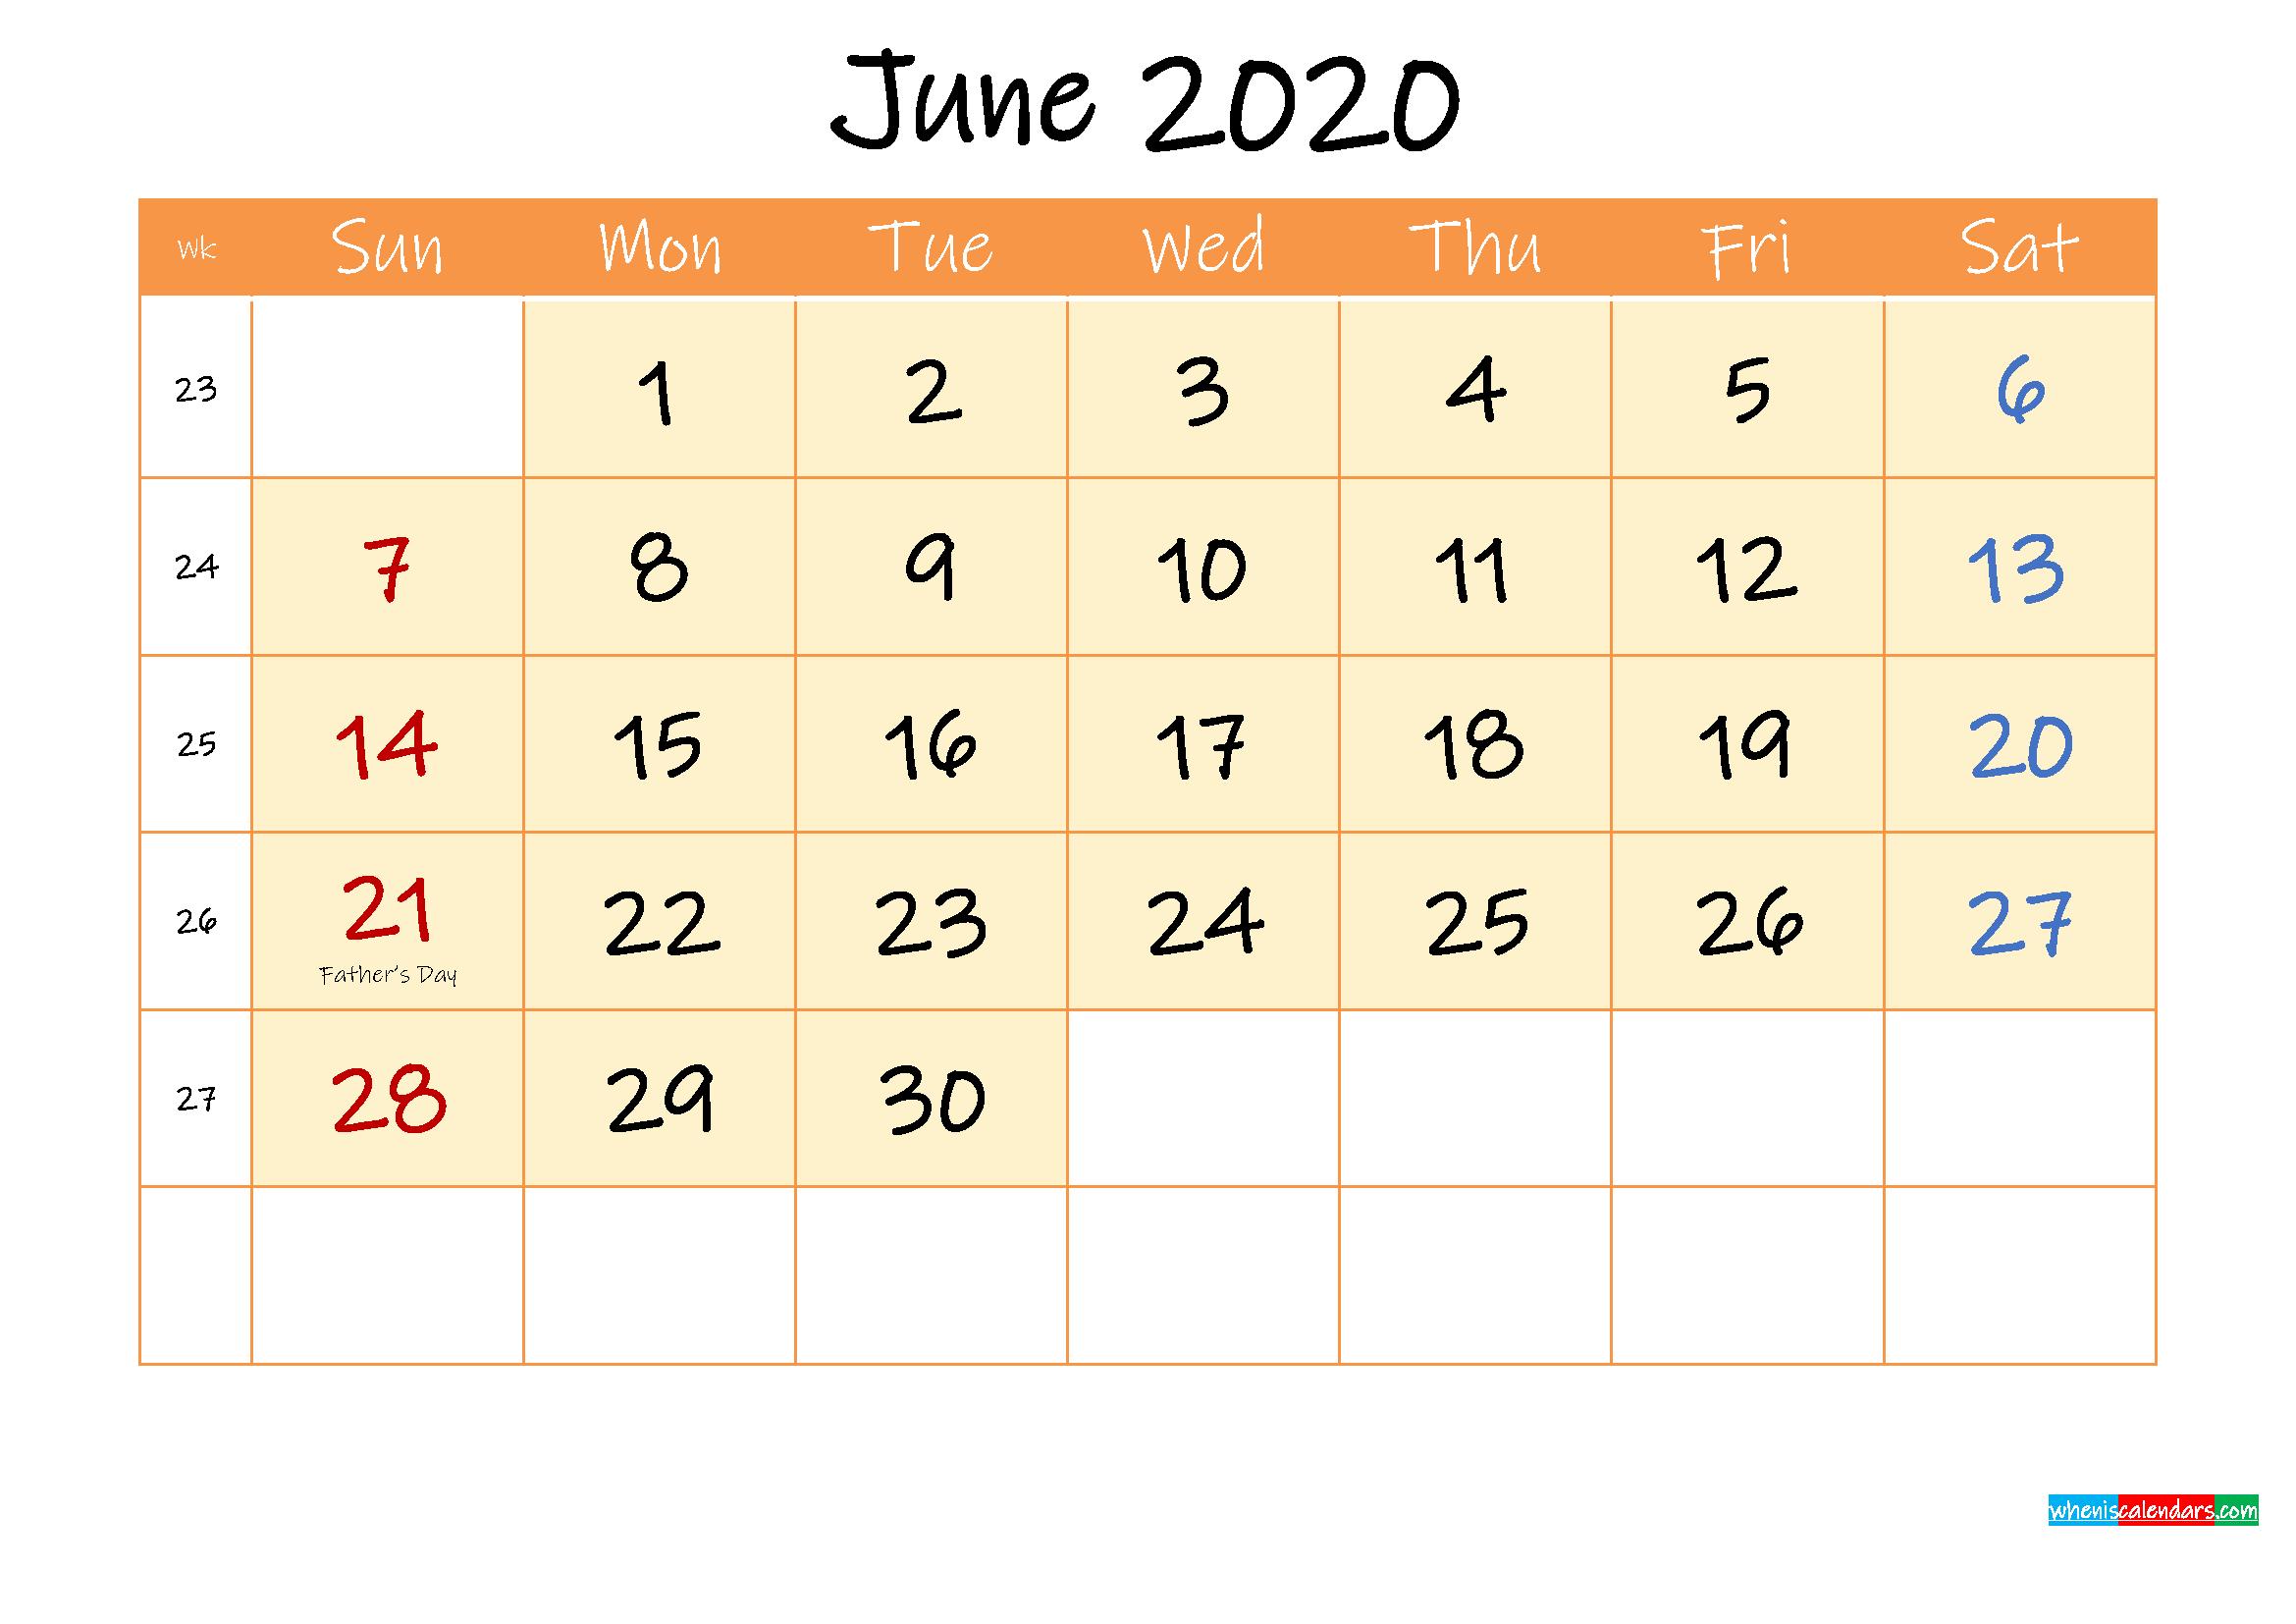 June 2020 Free Printable Calendar